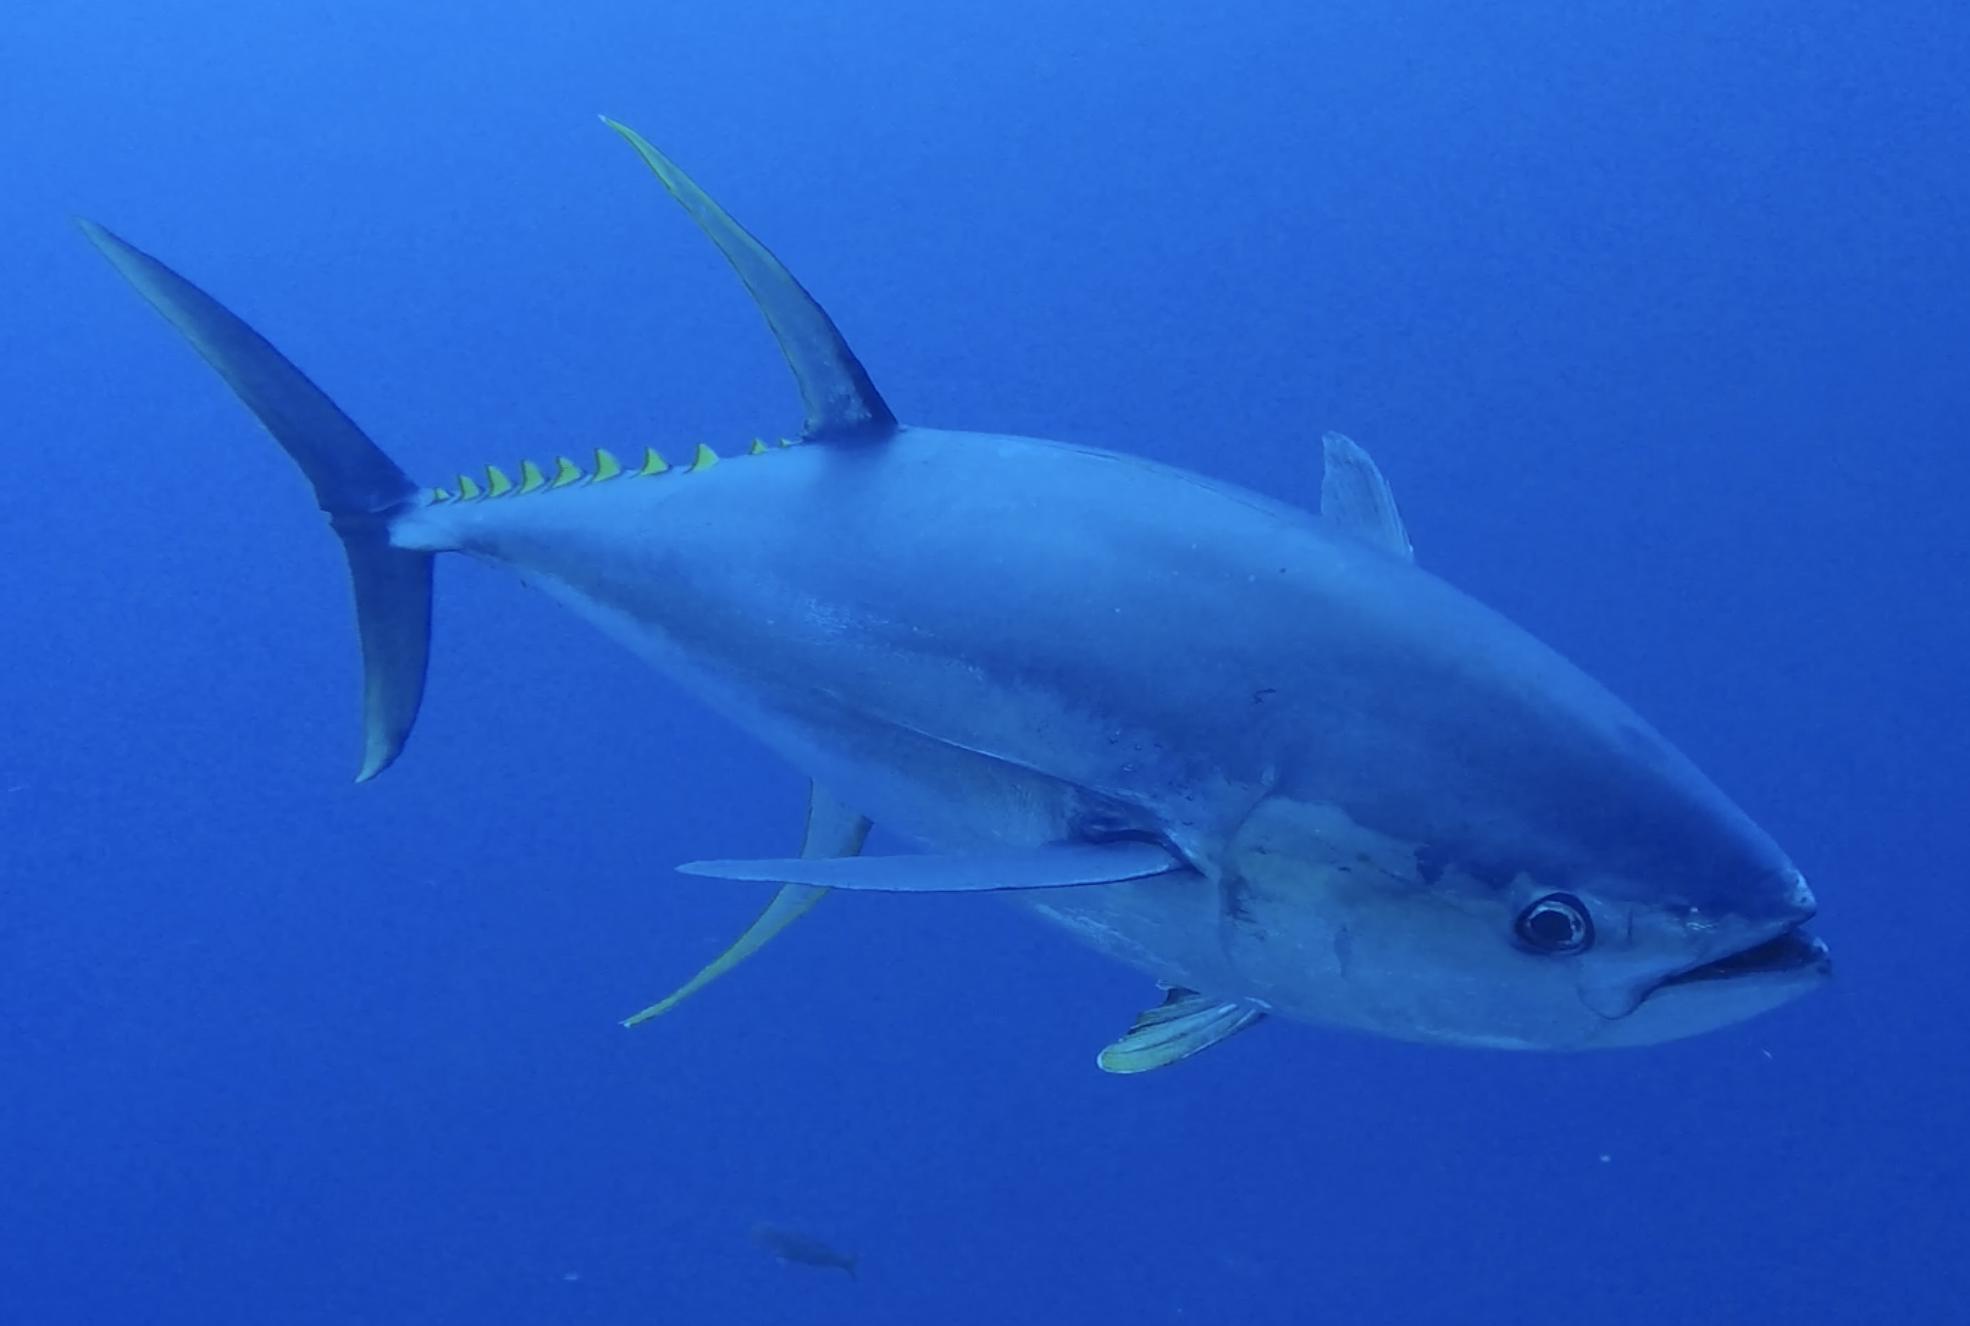 yellowfin tuna in ocean